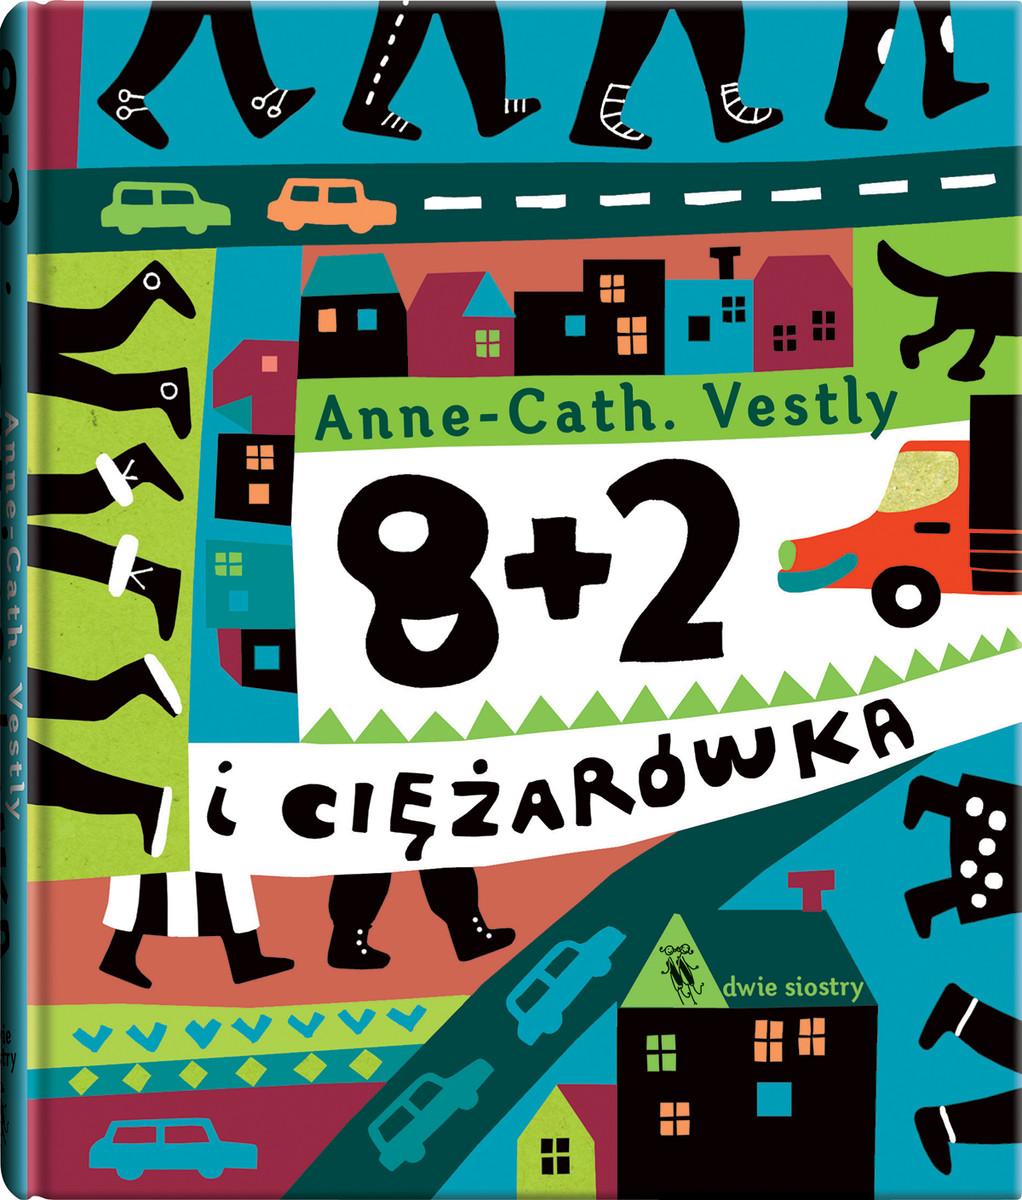 8-2-ciezarowka